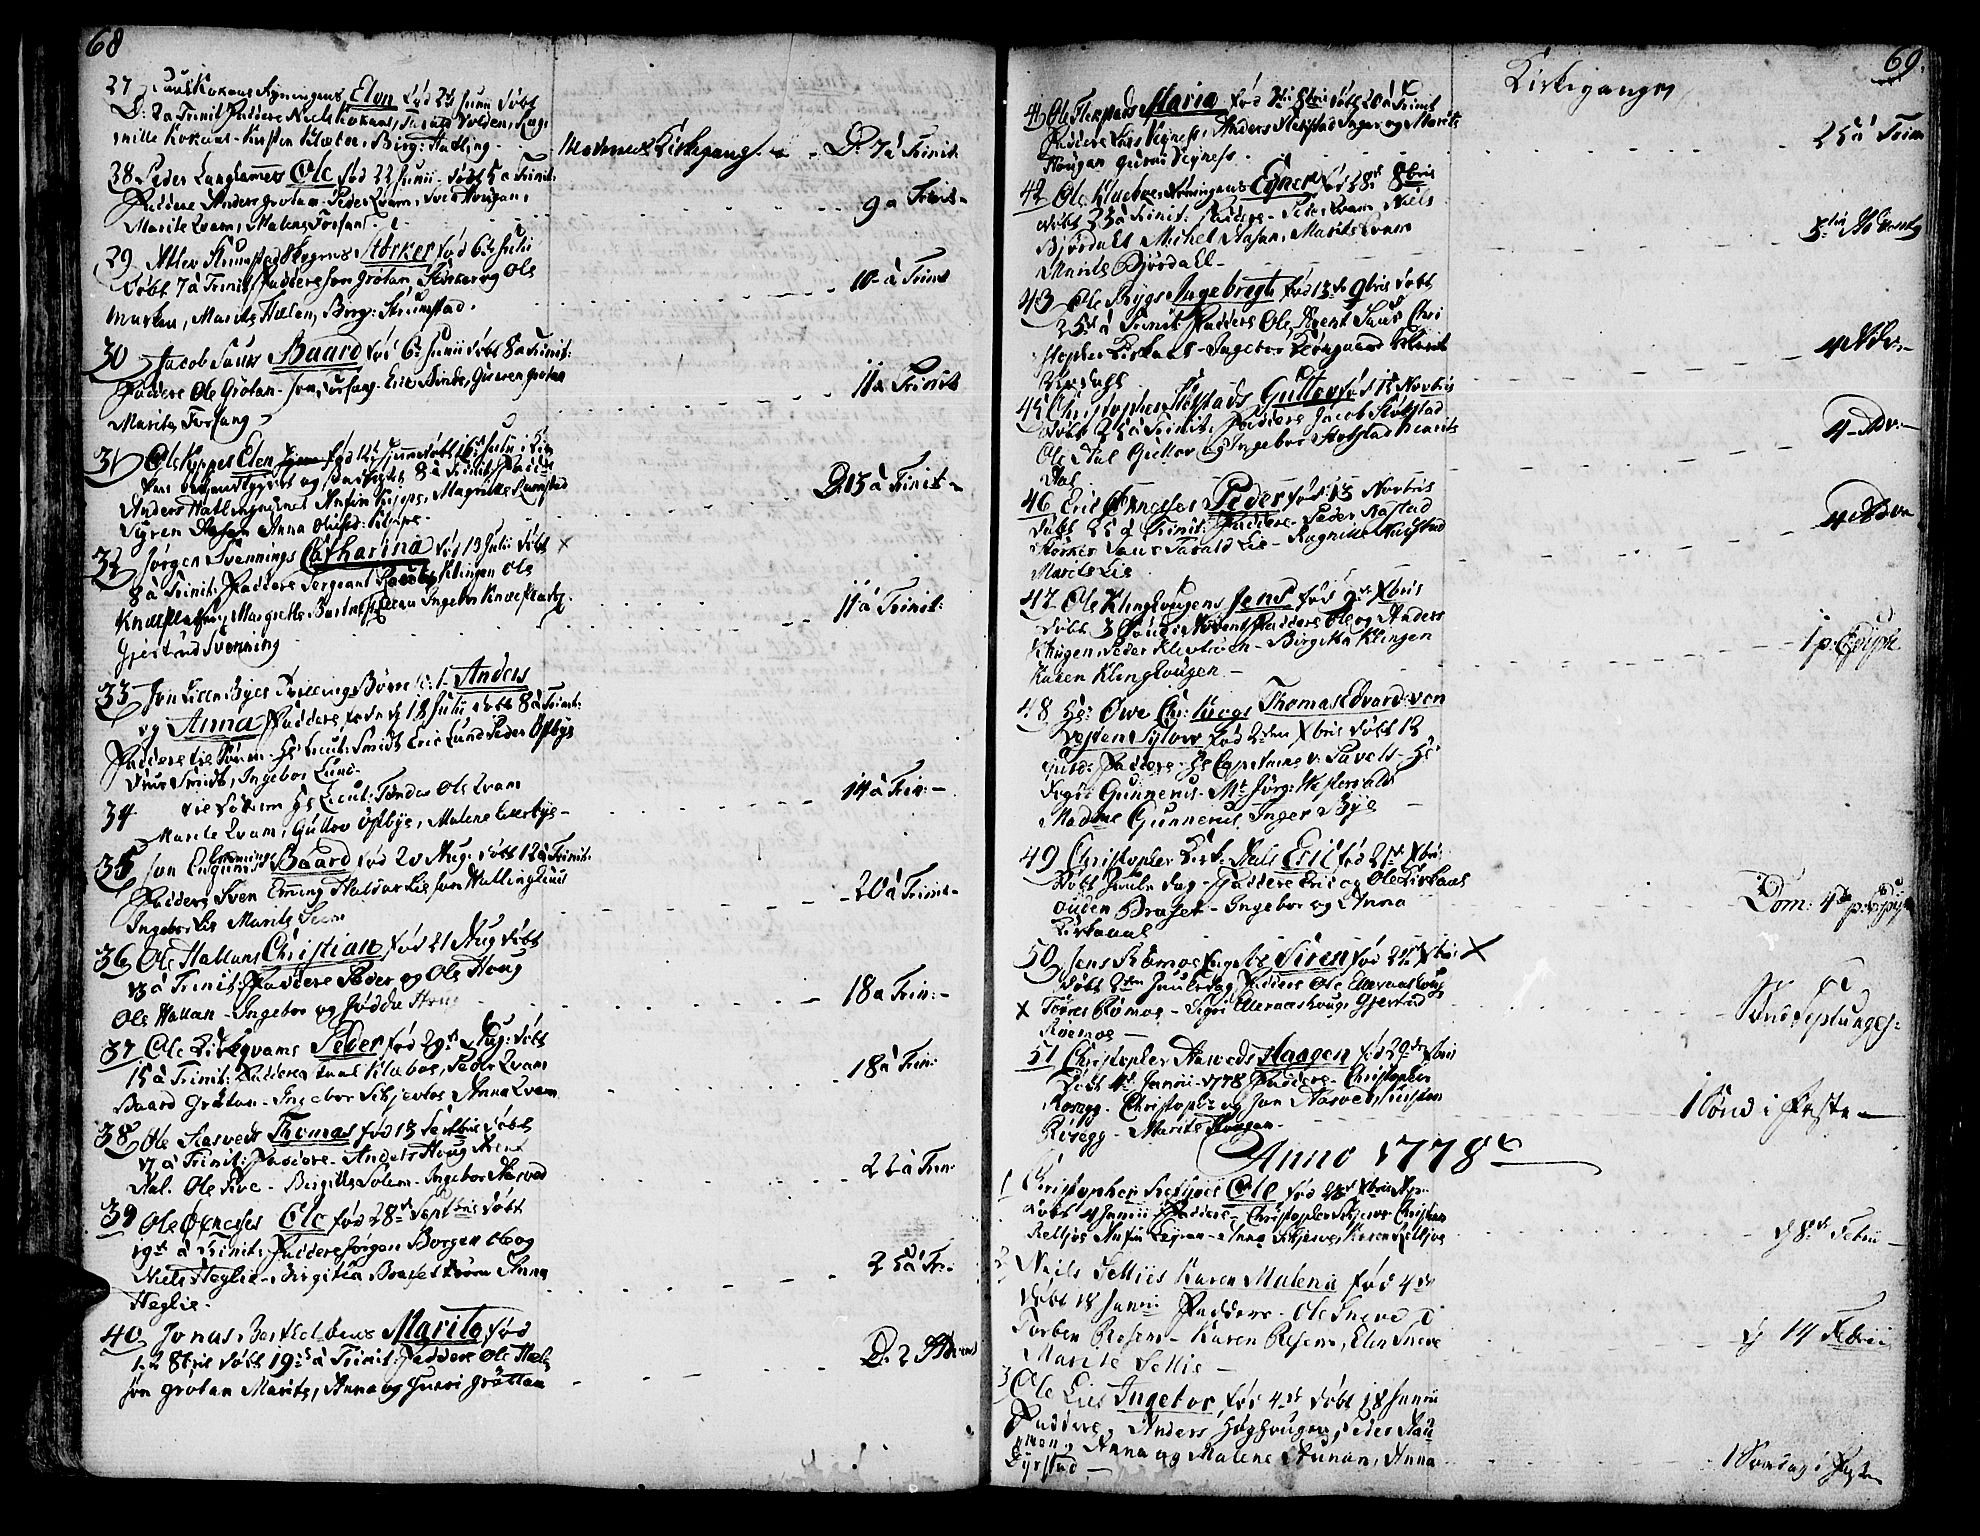 SAT, Ministerialprotokoller, klokkerbøker og fødselsregistre - Nord-Trøndelag, 746/L0440: Ministerialbok nr. 746A02, 1760-1815, s. 68-69